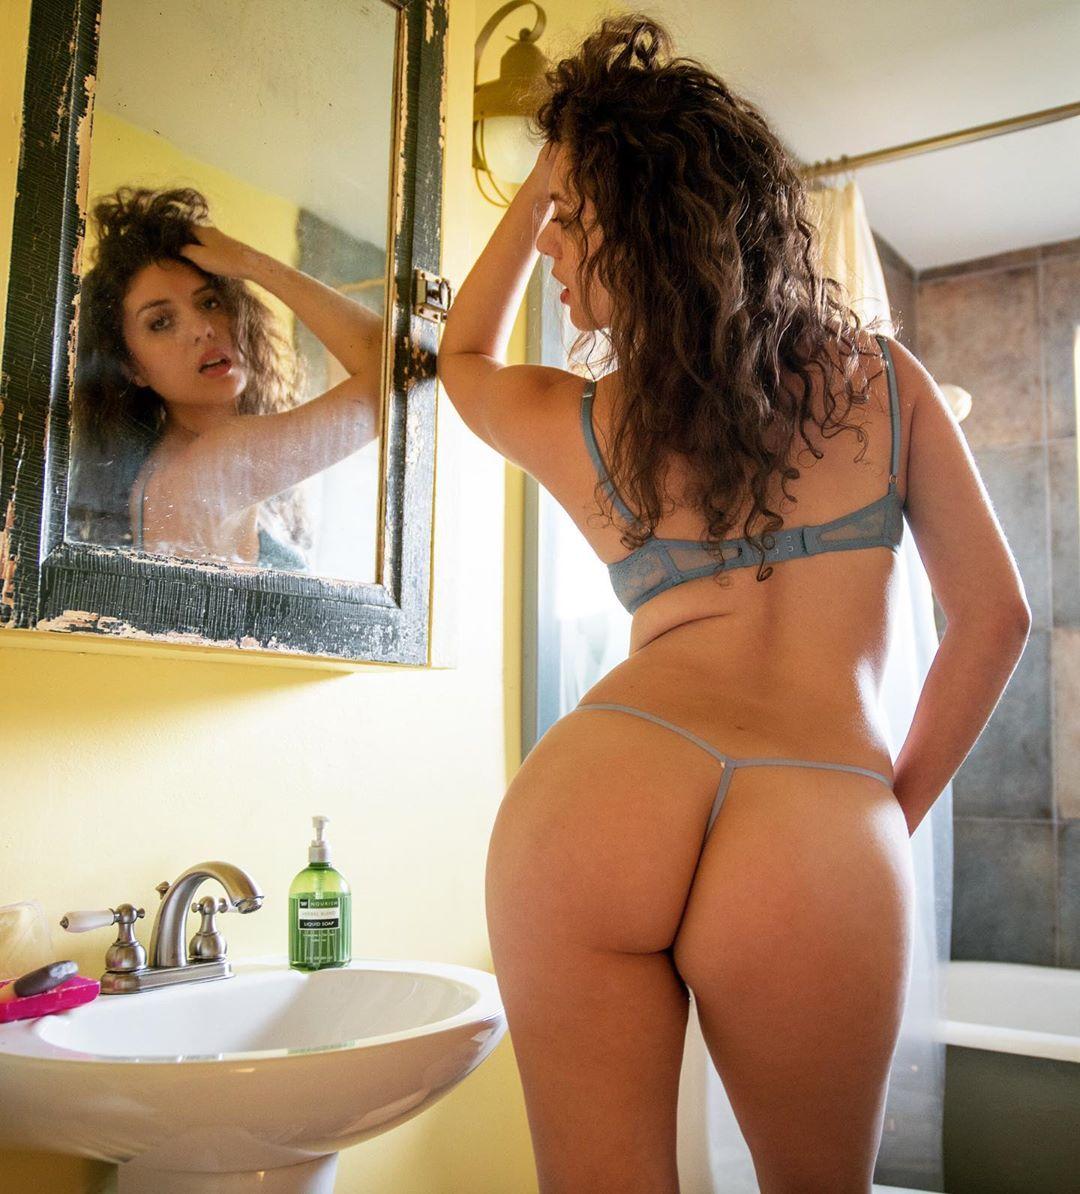 Onaartist Nude Sarah White Onagram Leaked 0069